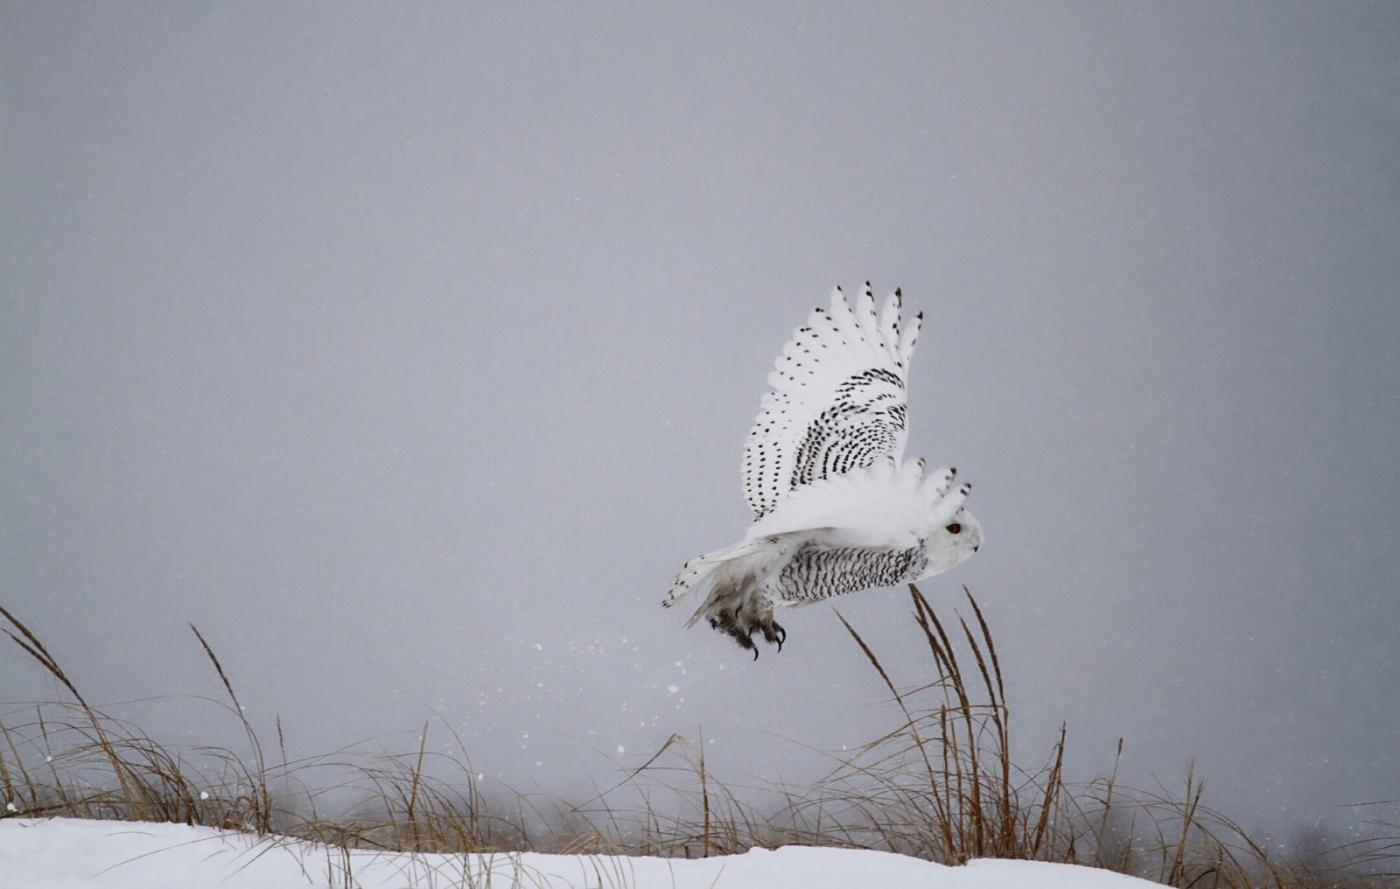 【田螺摄影】它坐着我坐着~抓拍雪猫鹰的萌态_图1-31